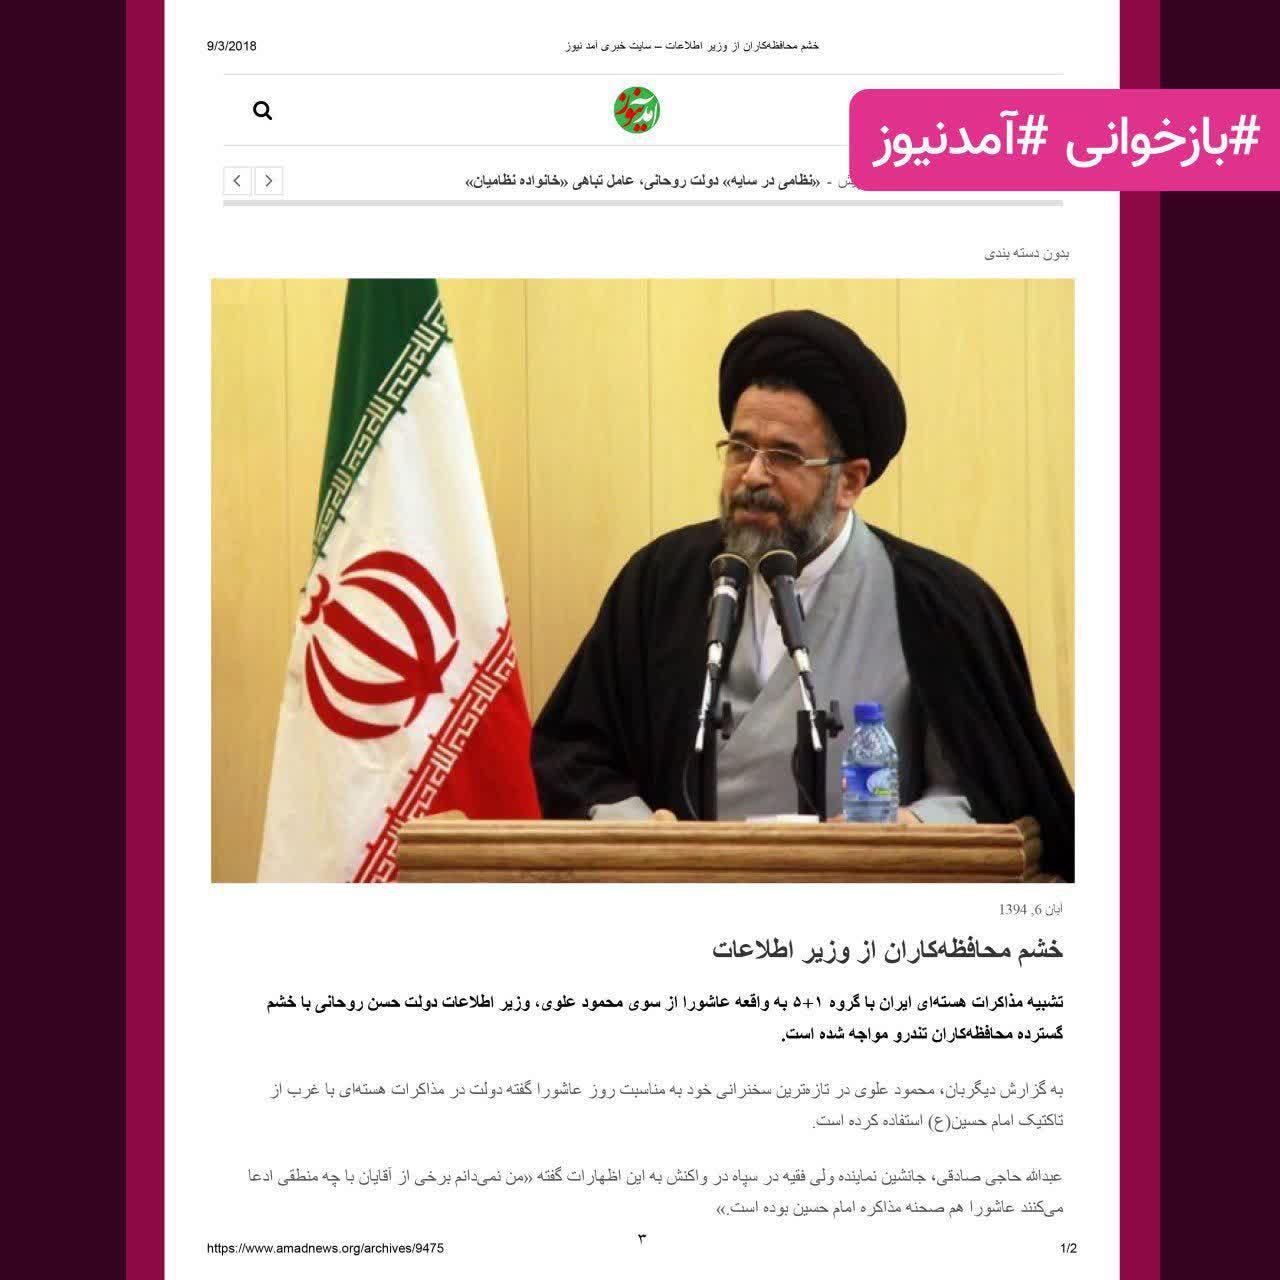 amadnews%20%2814%29 شکایت وزیر اطلاعات از حسن عباسی به بهانه بیان ارتباط و رابطه آمدنیوز و همچنين وزیر اطلاعات + اسناد